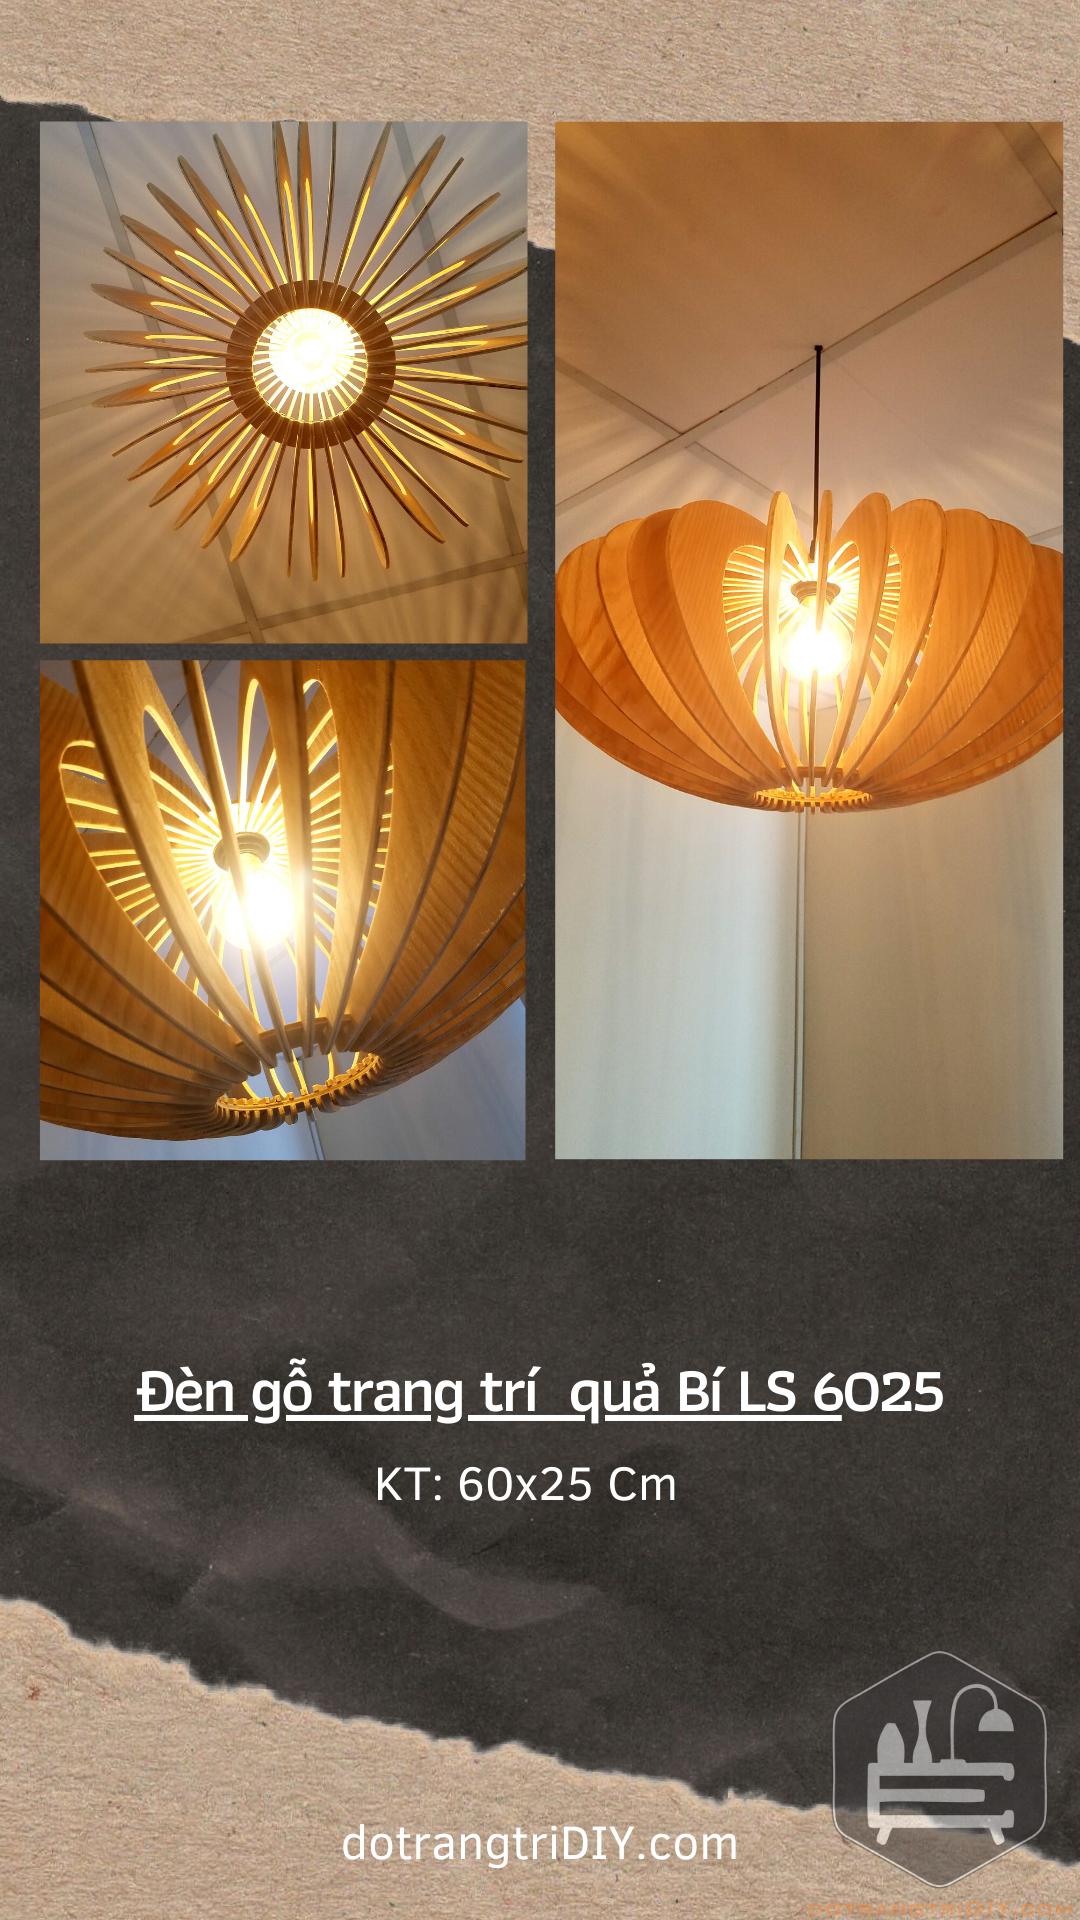 Đèn gỗ trang trí hình quả bí LS6025